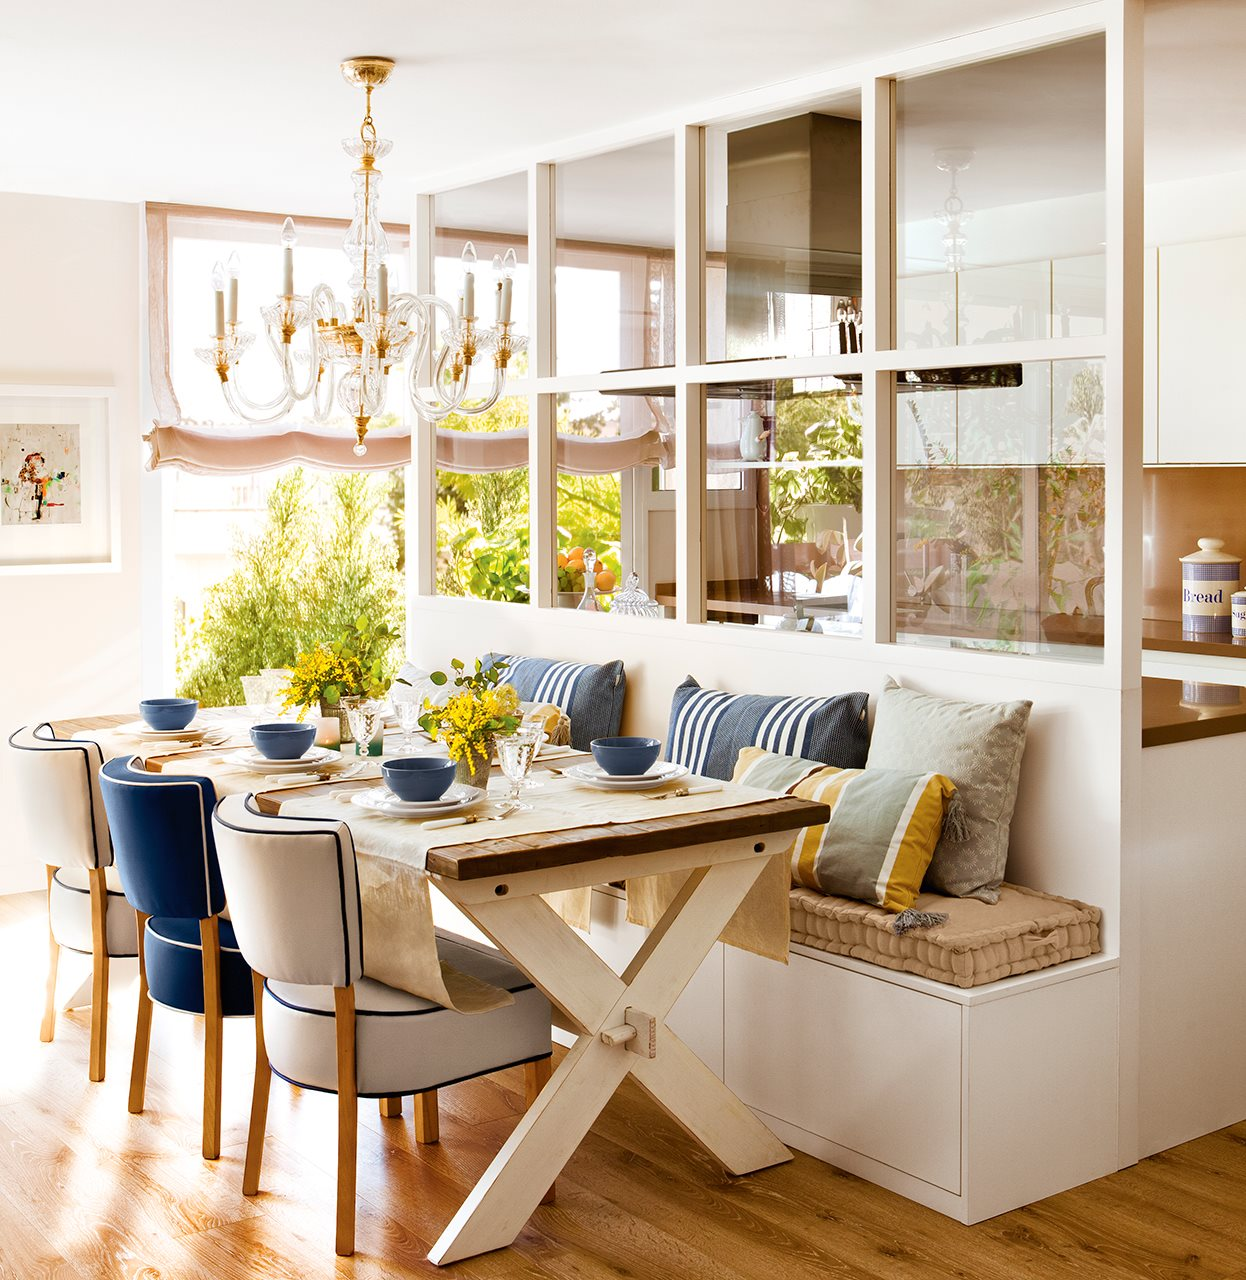 Tr plex con luz for Casa con cocina y comedor juntos